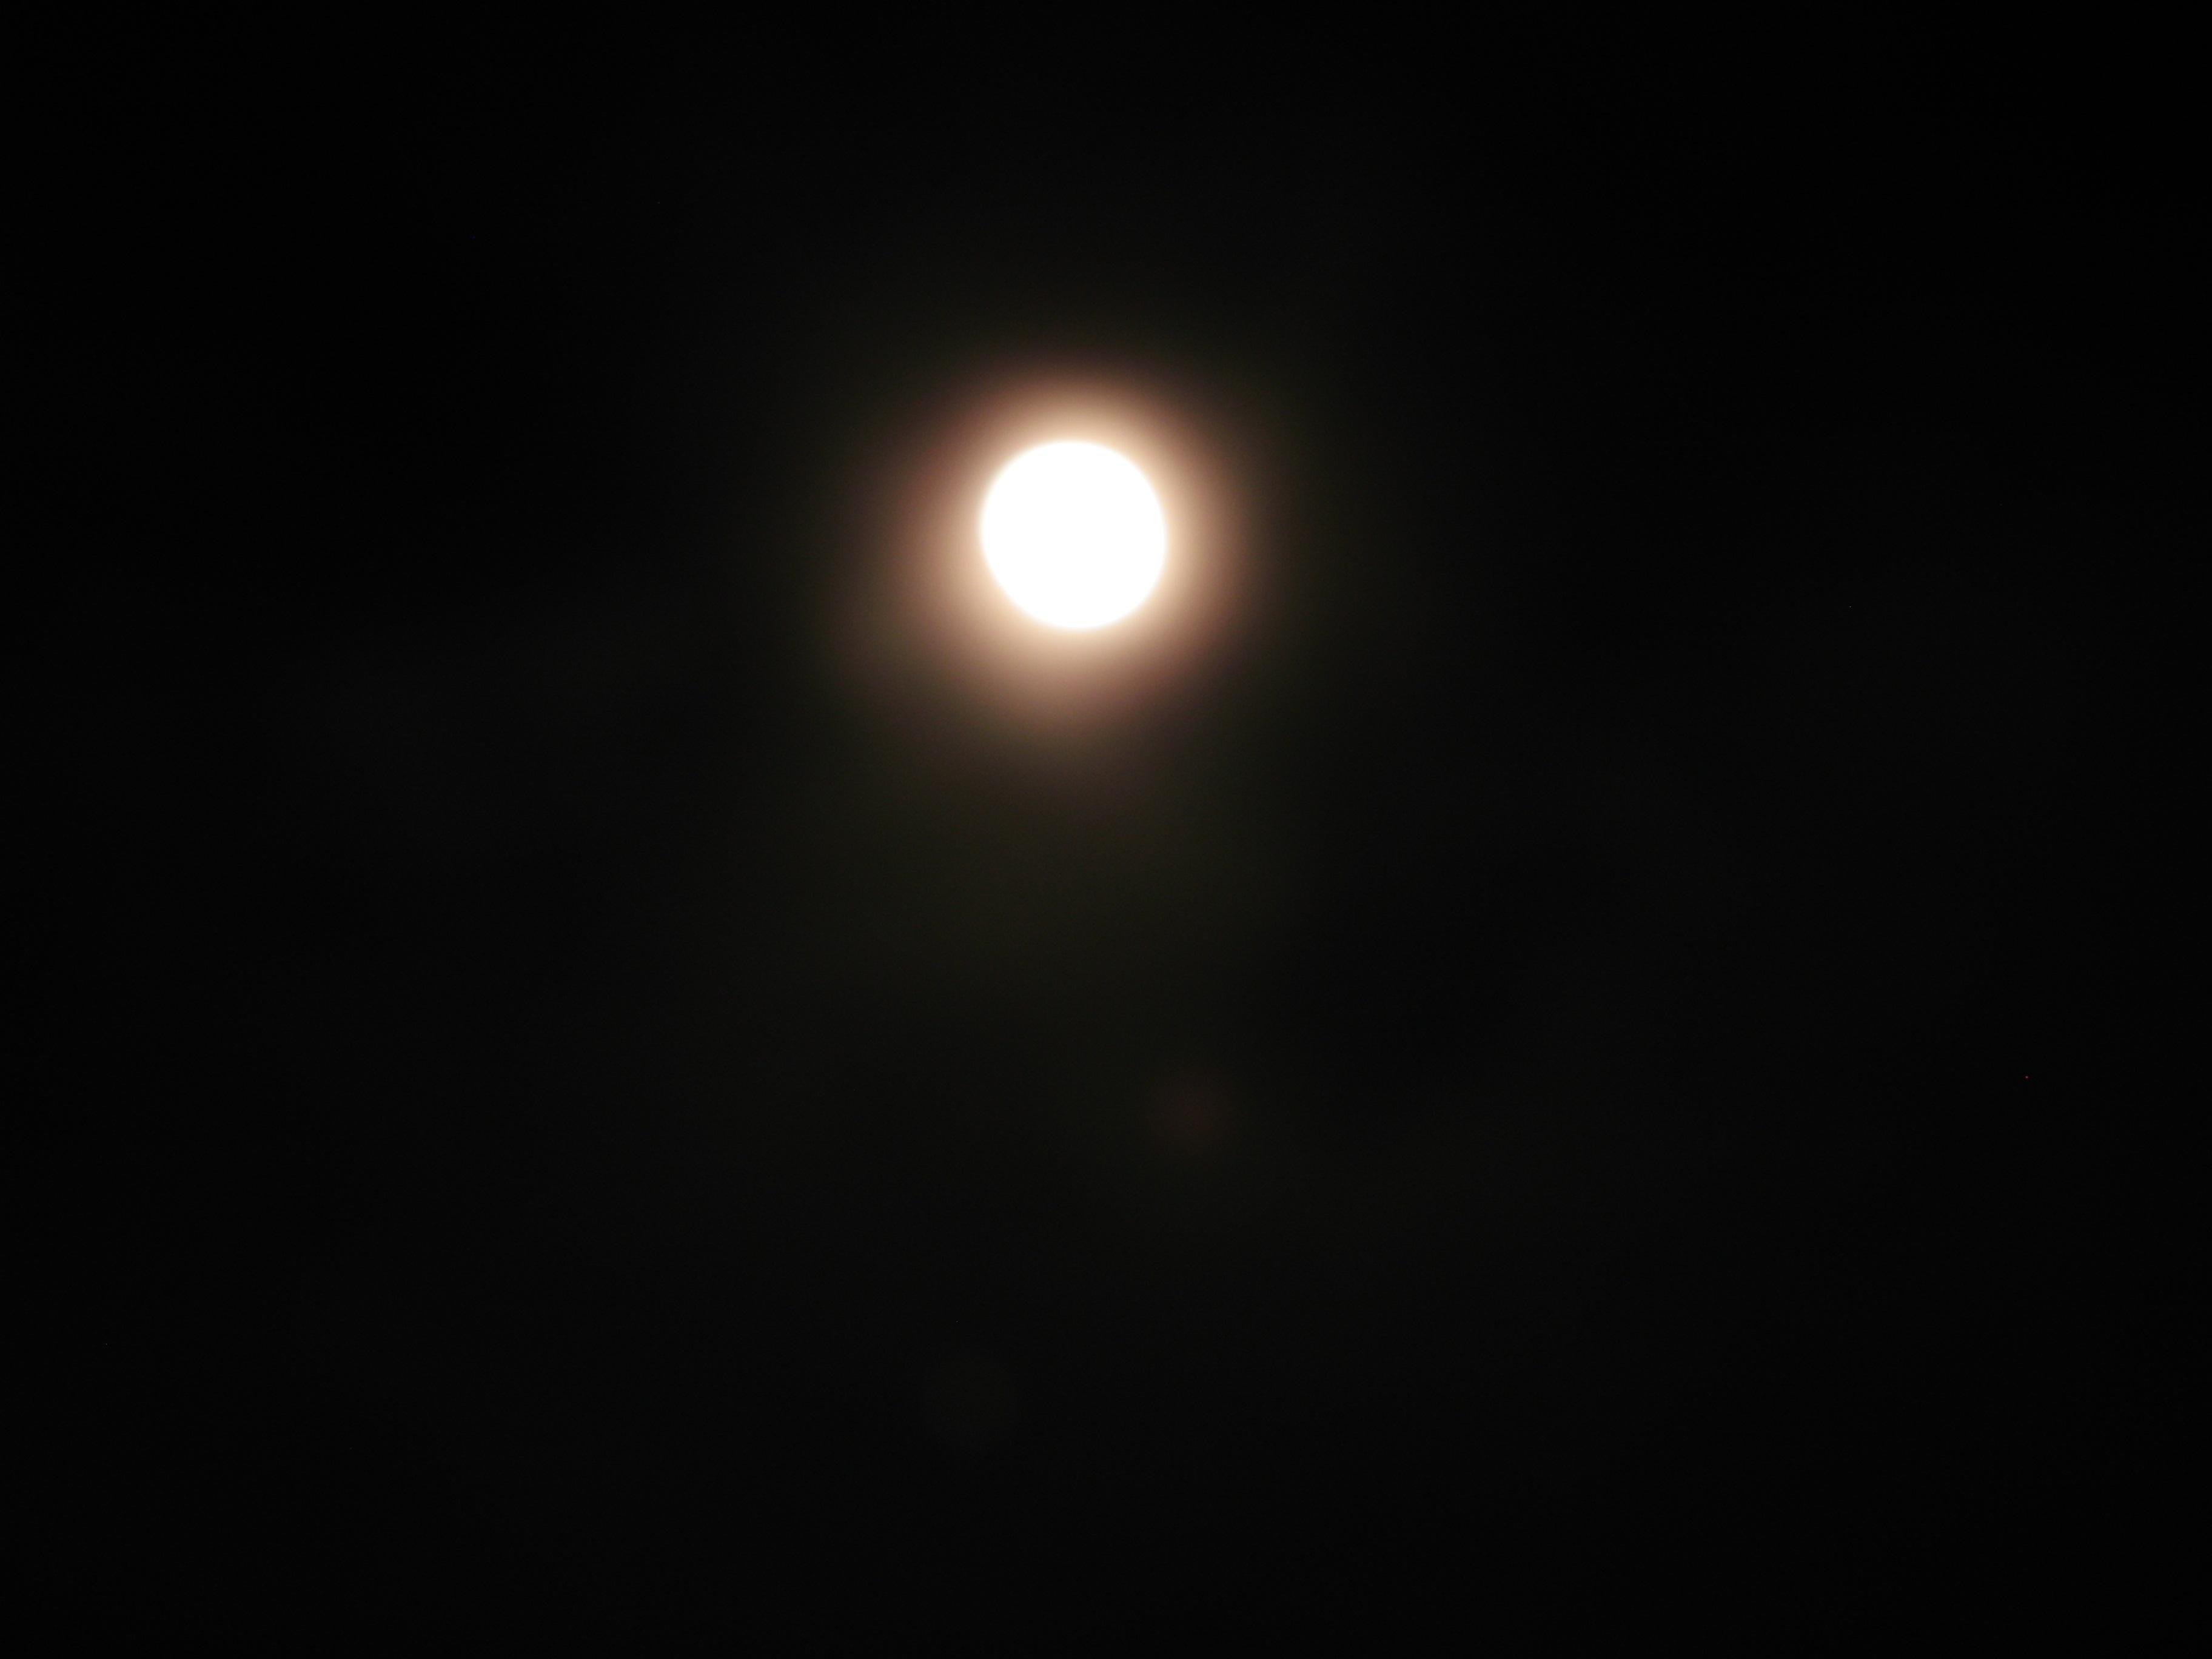 Virgo Full Moon Spellworking for Feb 19, 2019 – Get Your Spell On